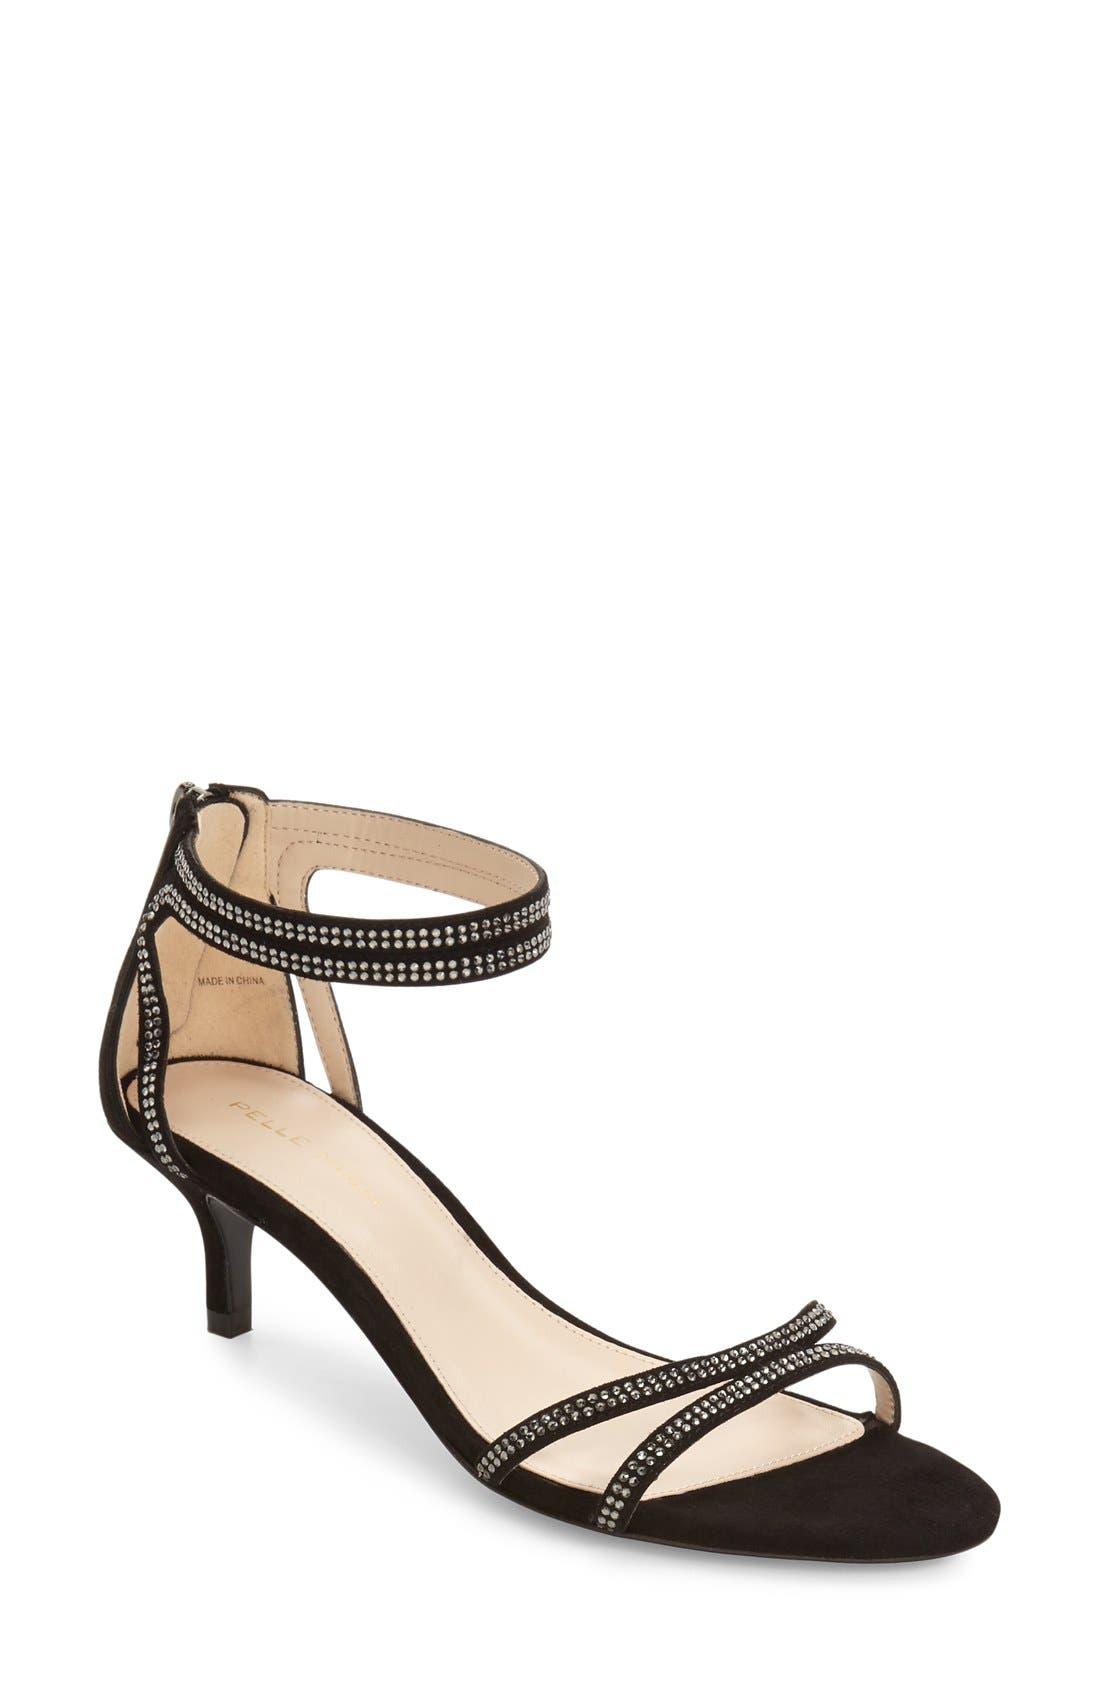 Fillis Ankle Strap Sandal,                         Main,                         color, 001